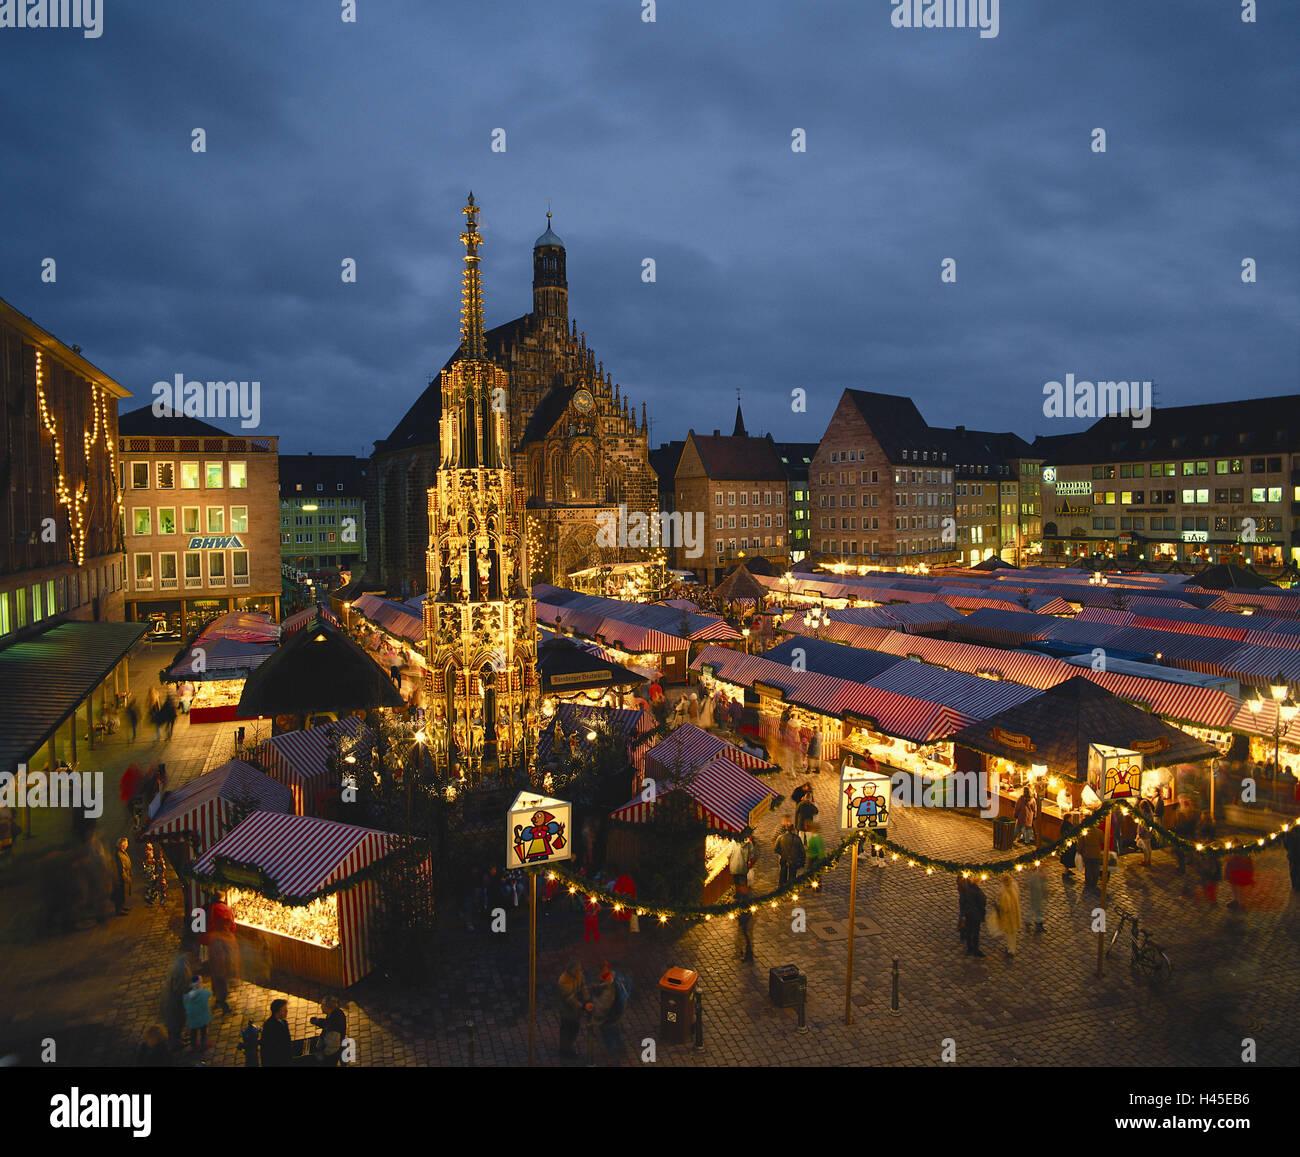 Nuremberg Christmas Market Stock Photos & Nuremberg Christmas Market ...